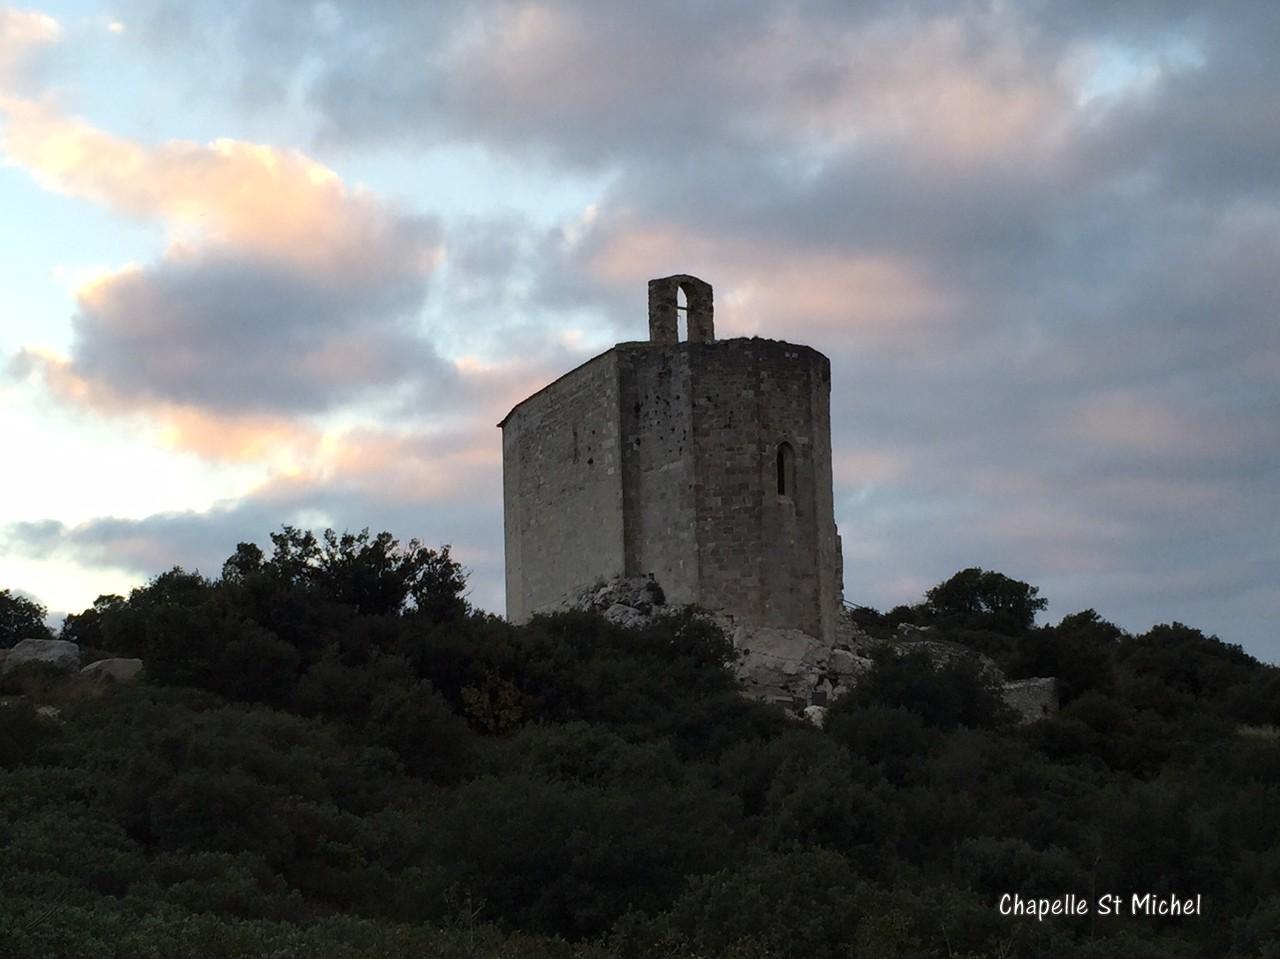 Gignac - Chapelle St Michel - Jeudi 03 Décembre 2015 IR8Aj4